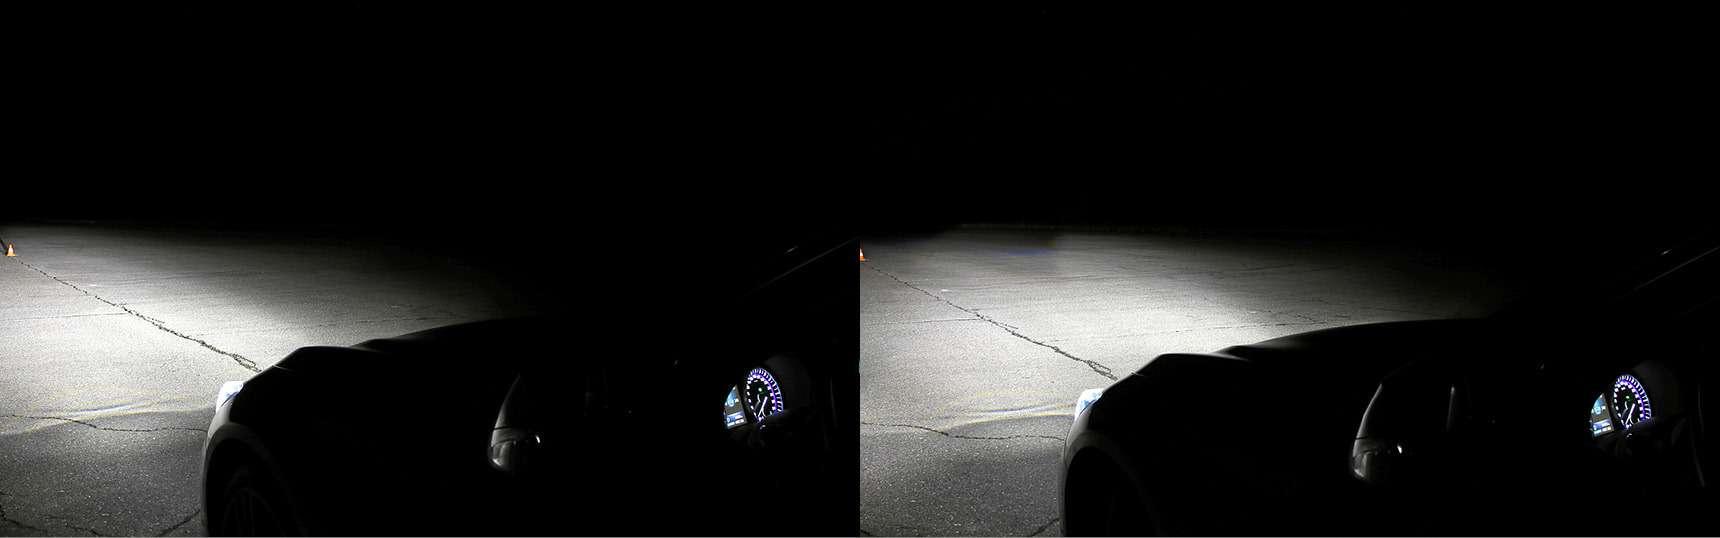 Супертест светодиодных фар: какая из10машин заглянет дальше?— фото 601199